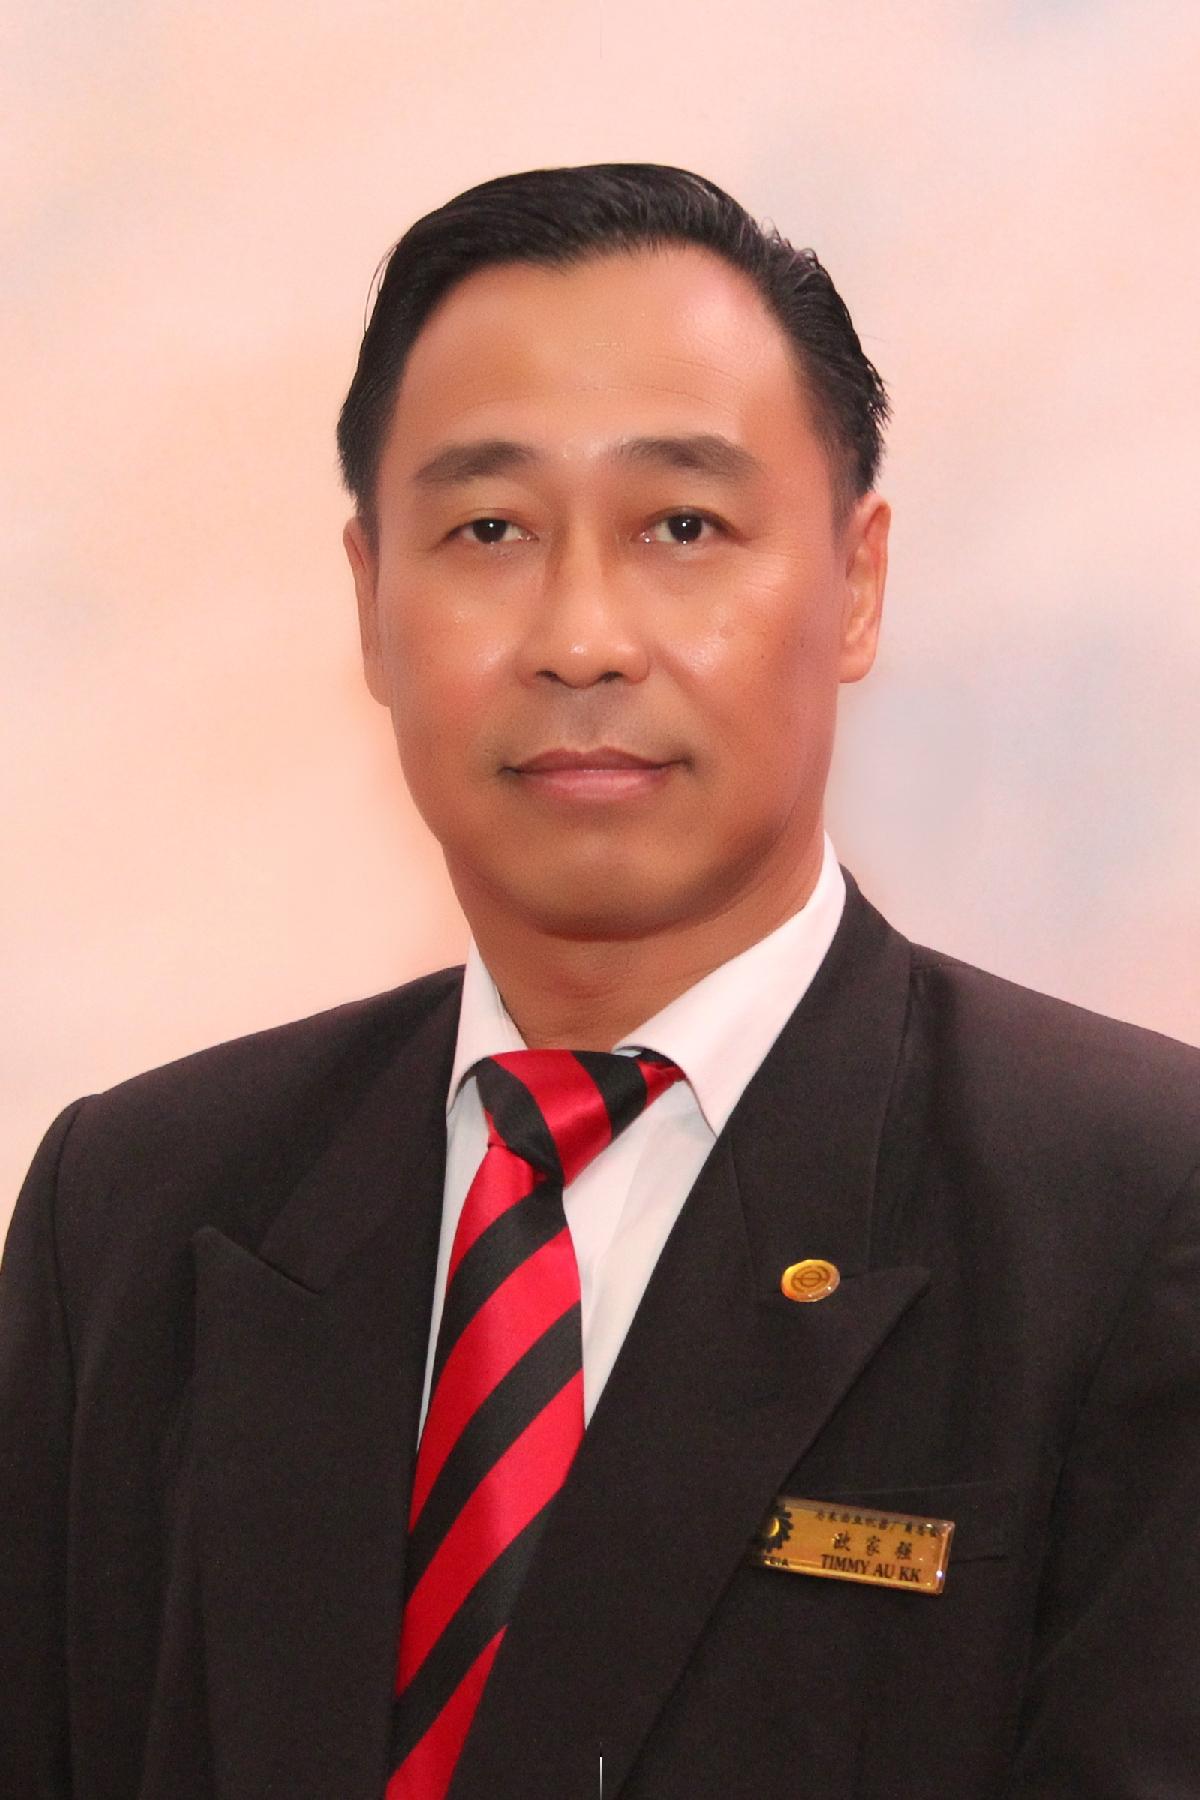 <h80>欧家强</h80><br>Timmy Au Kah Khiong